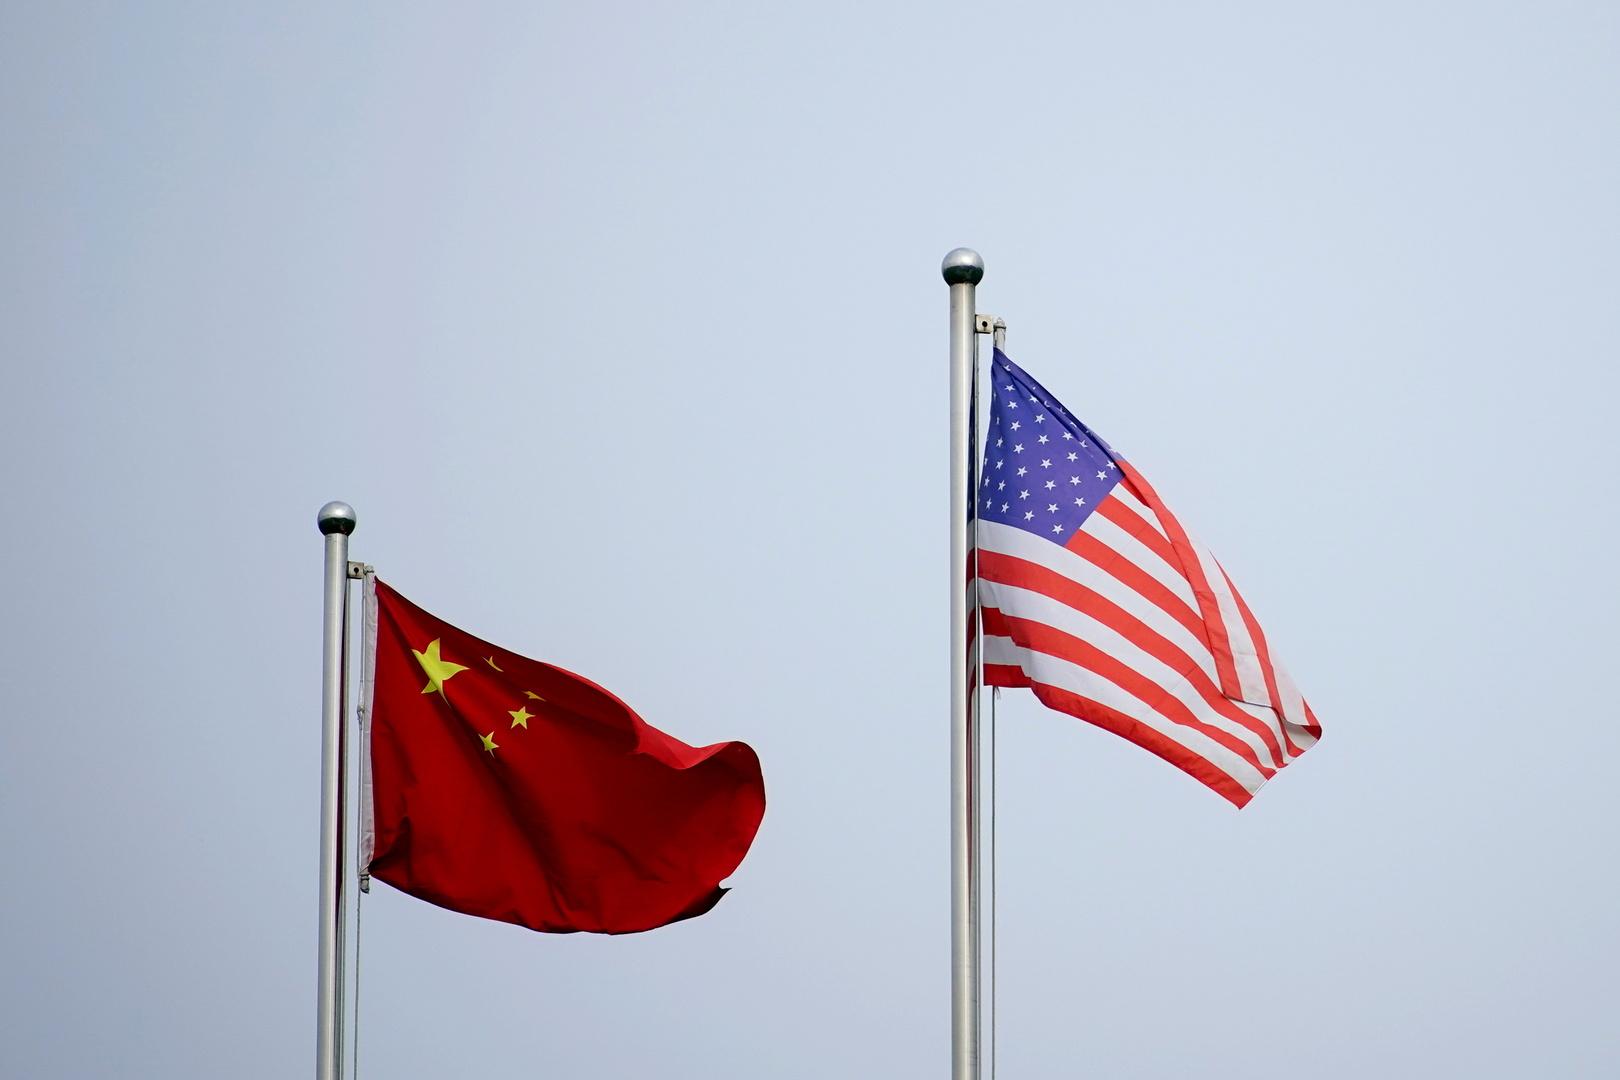 علما الولايات المتحدة والصين